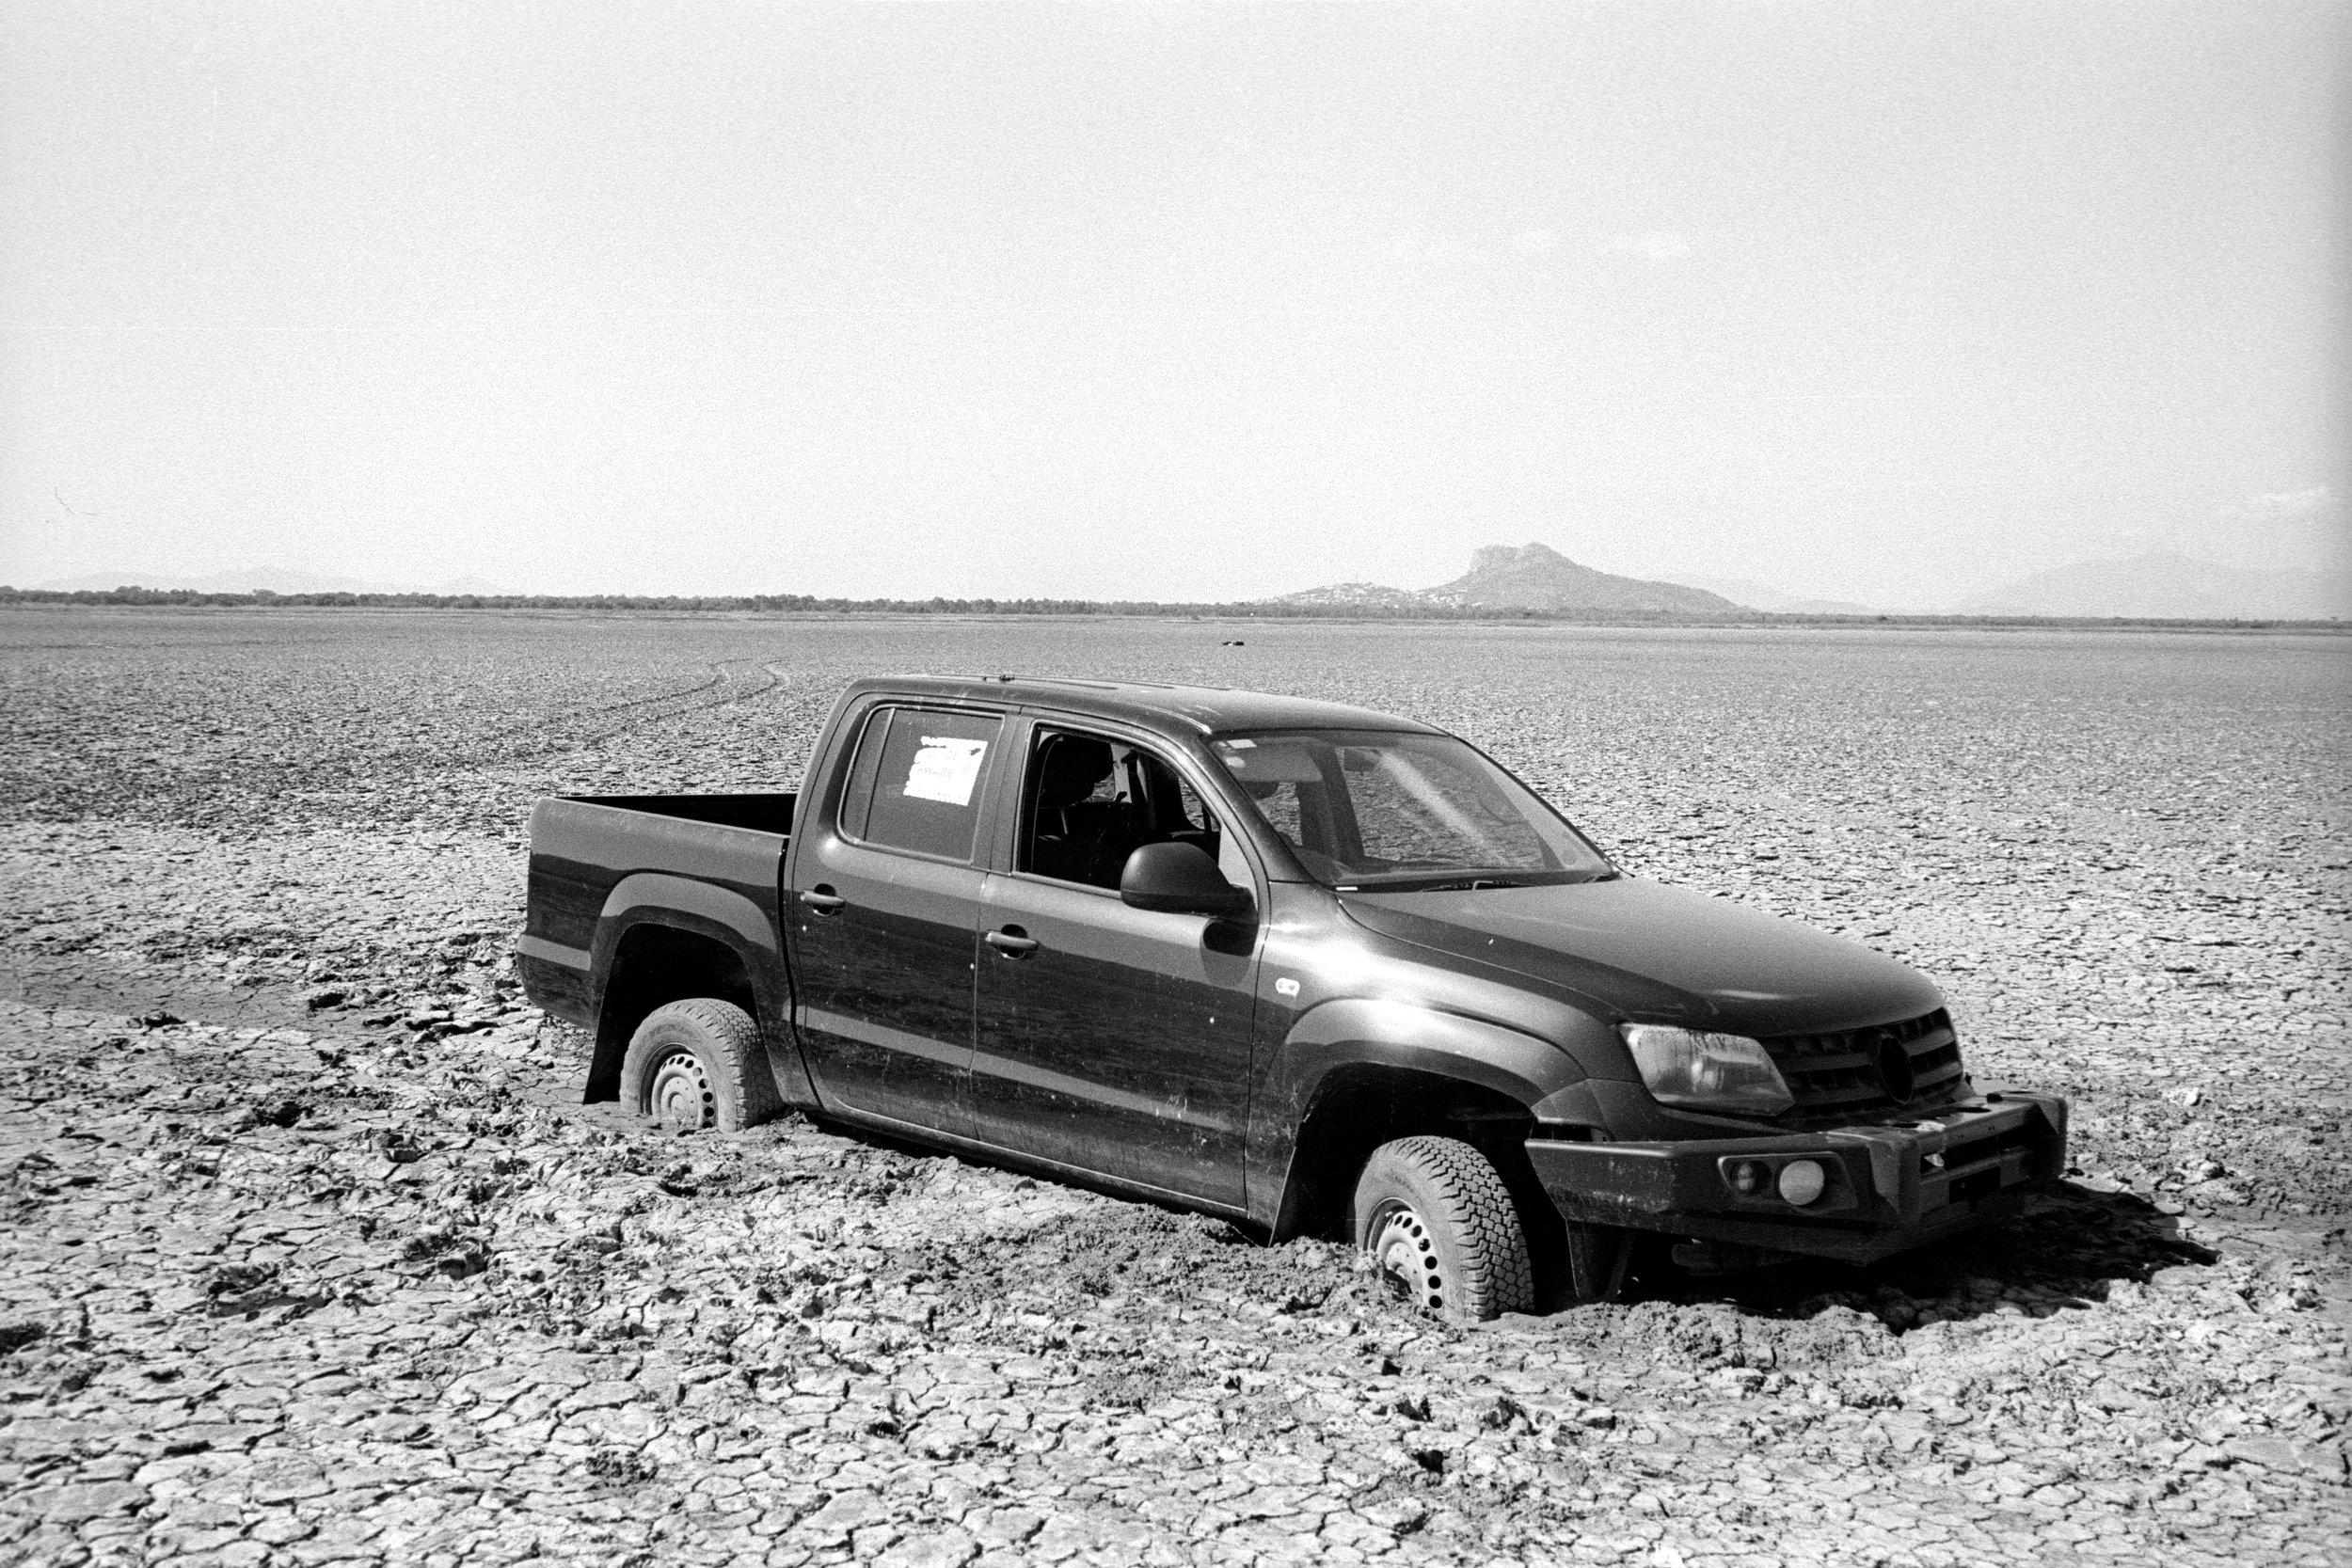 Ute in the frozen mud. Kodak XX-5222 , Leica M6 w/ 35mm f/2.5 (Elijah Clarke).